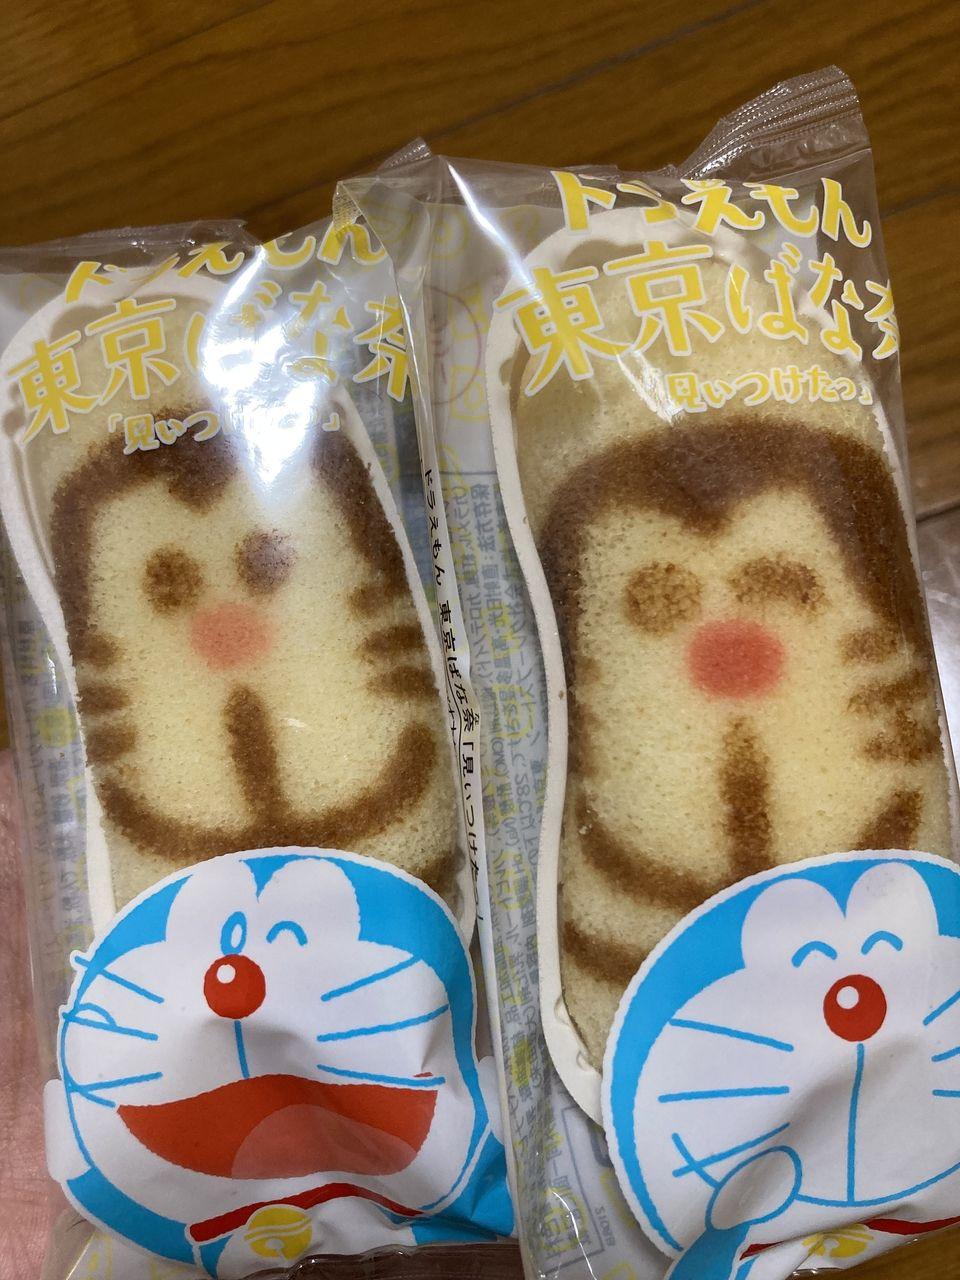 東京バナナ 東京ばなな 東京ばな奈